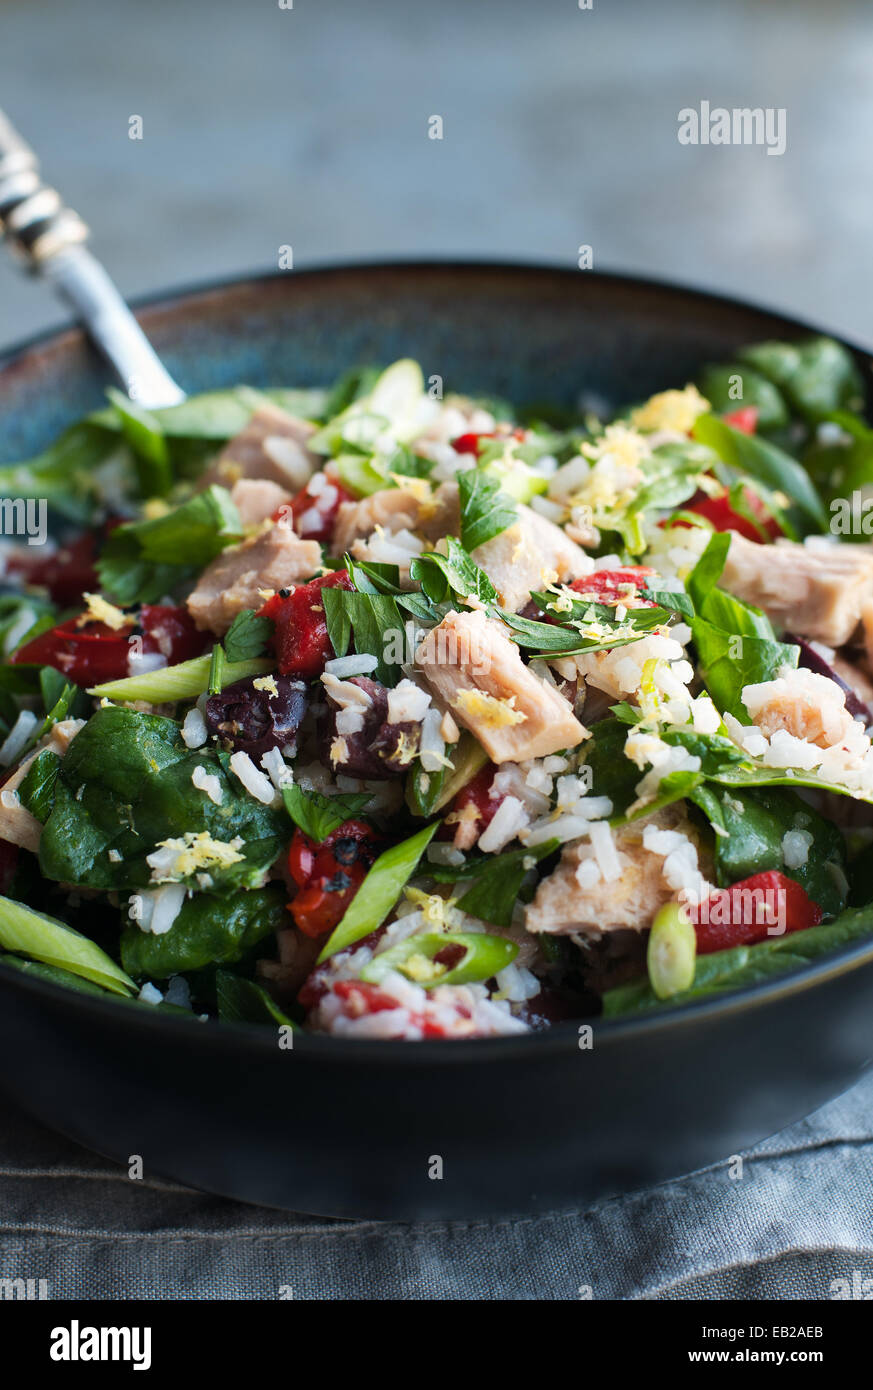 Gemischter Salat mit Thunfisch, Reis und Gemüse Stockbild